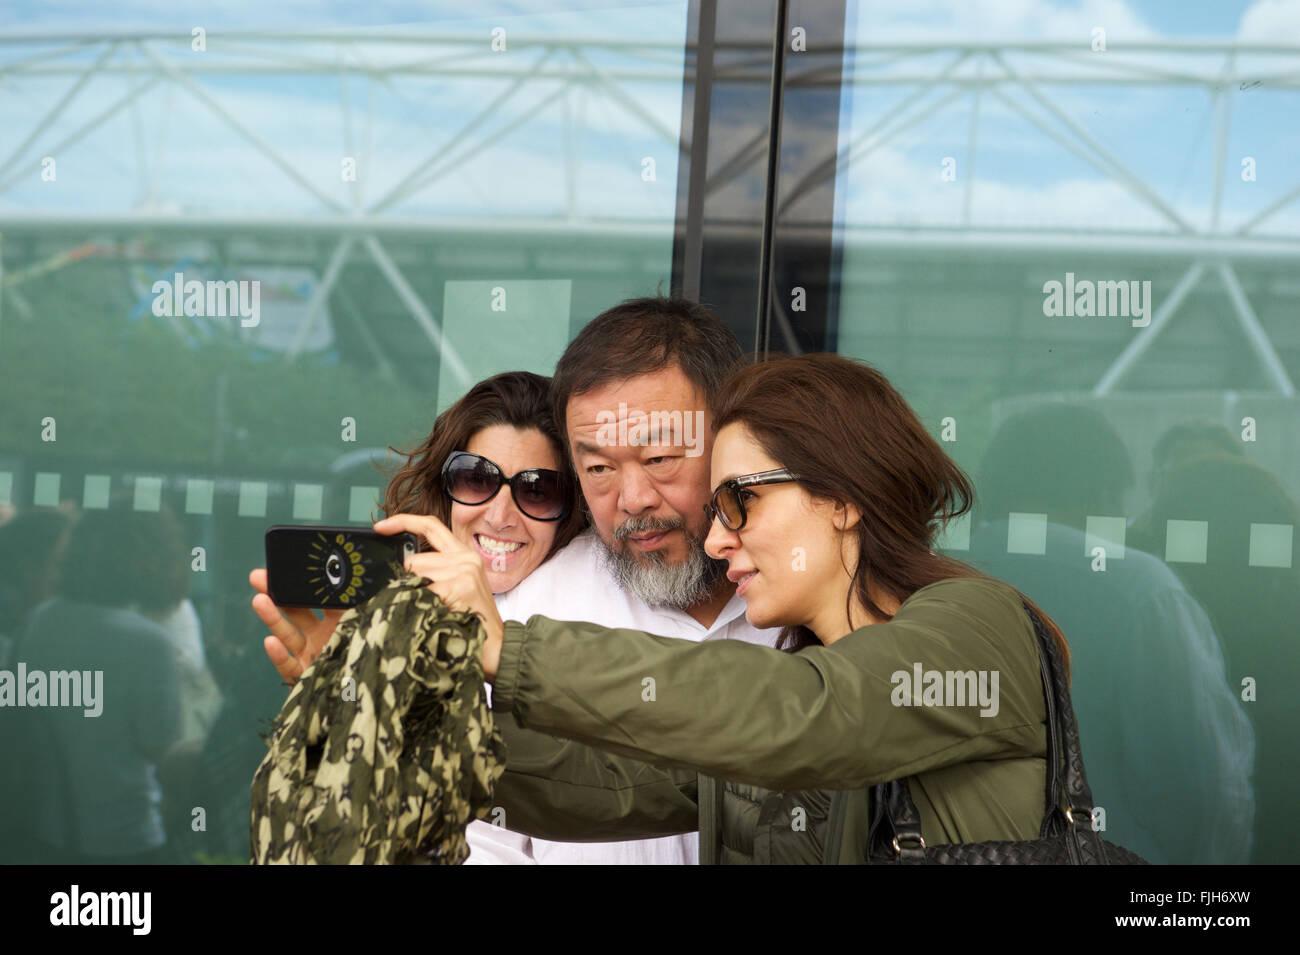 Aai Weiwei and two women doing a selfie - Stock Image